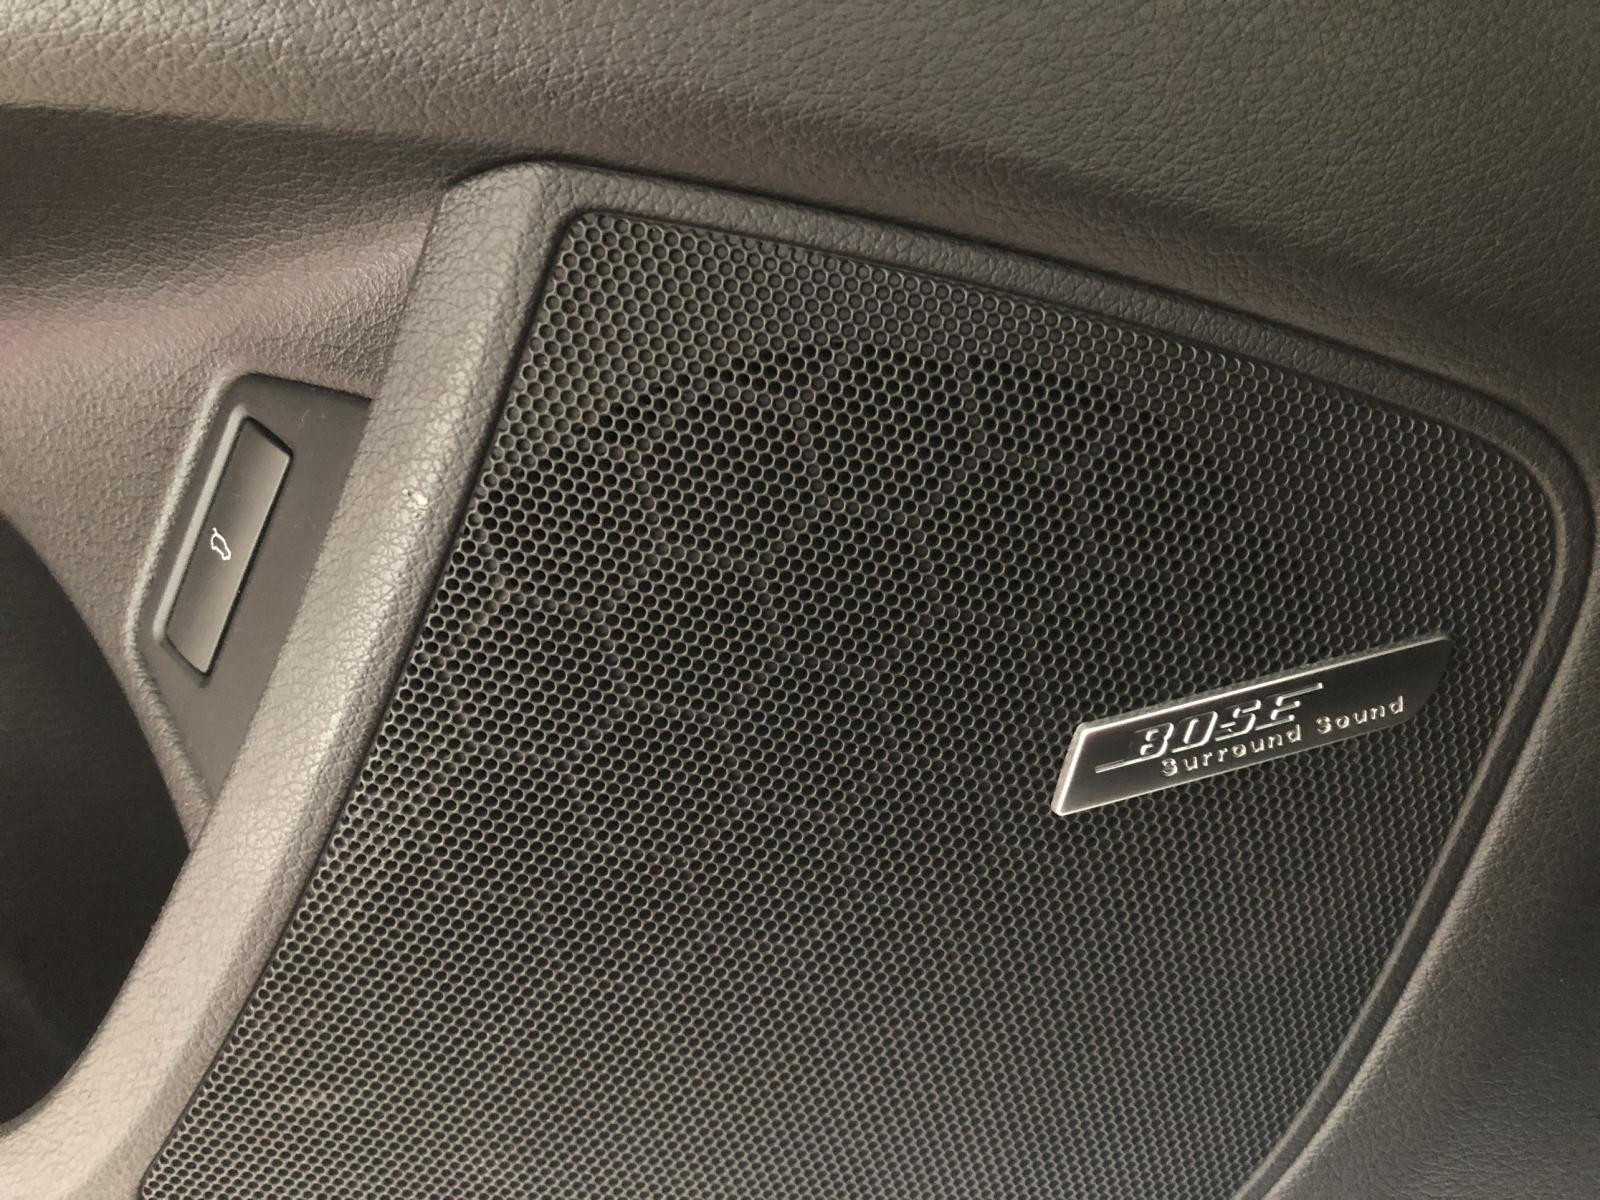 Cần bán Audi Q7 bản cao cấp nhất S Line Model 2015 Nhập Khẩu nguyên chiếc